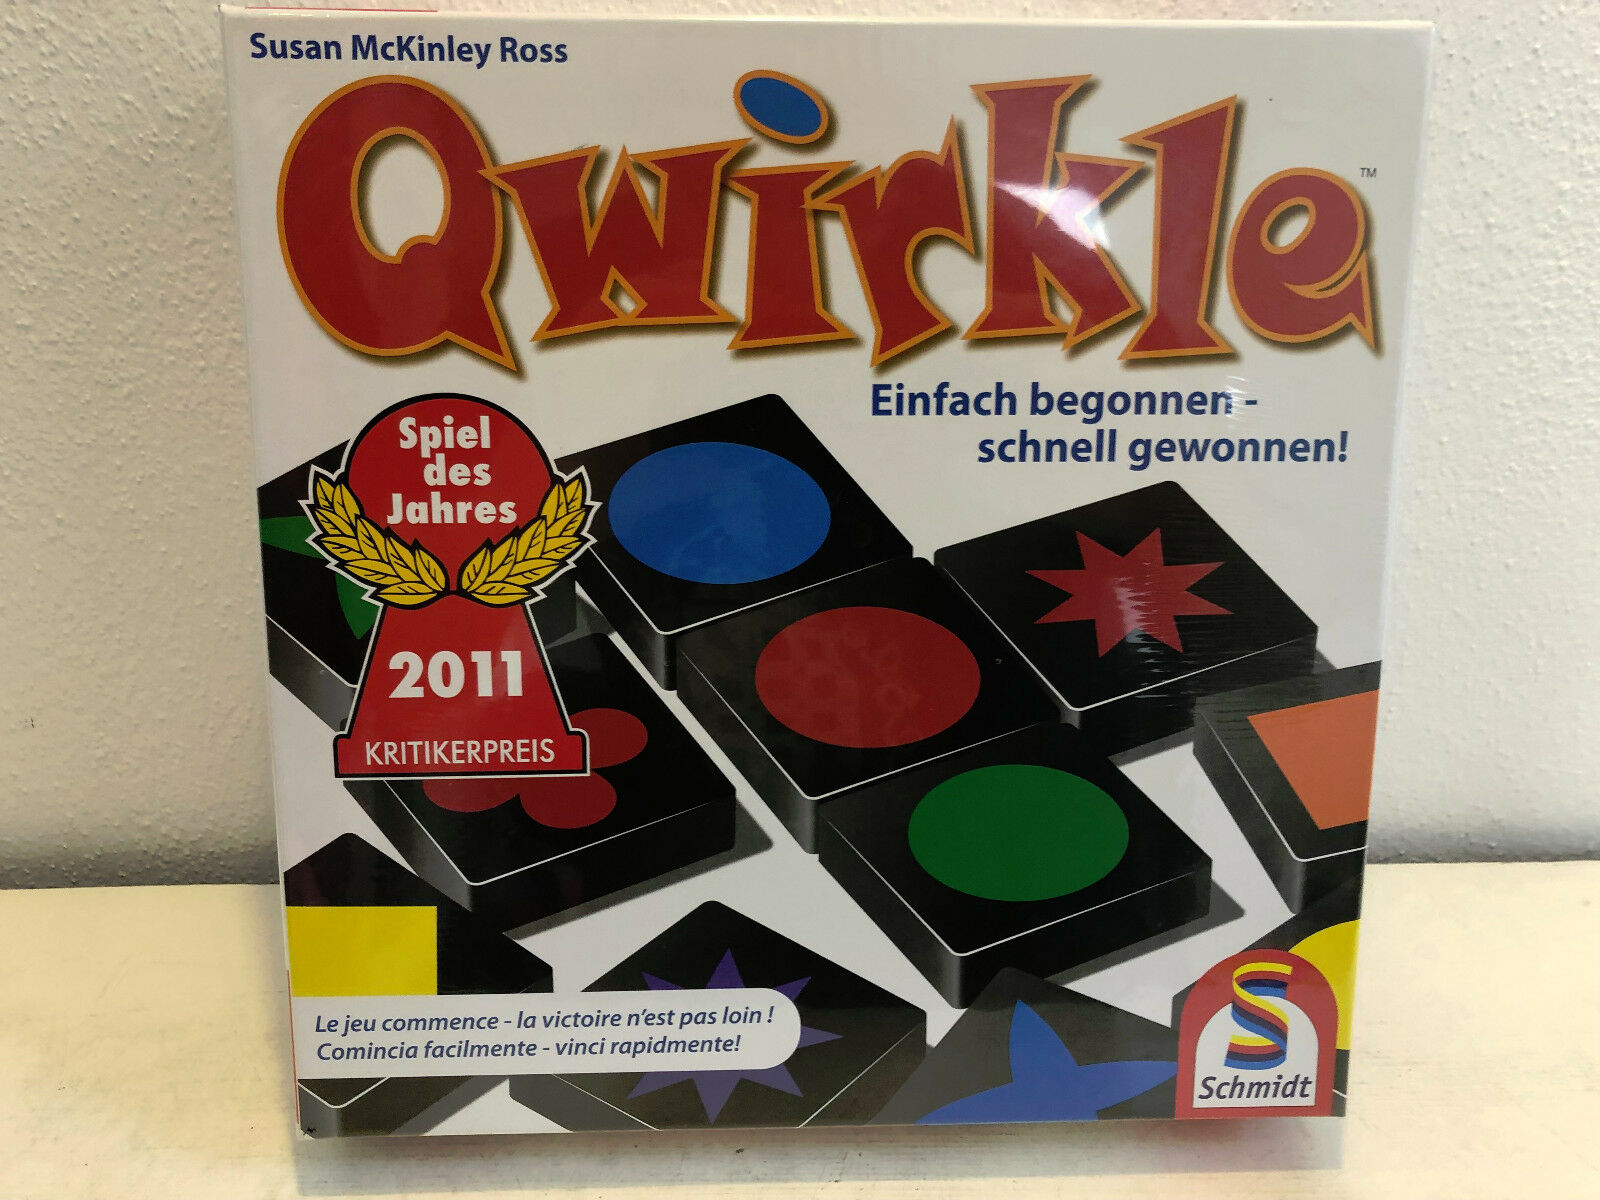 Qwirkle von schmidt - spiel des jahres 2011 in ovp gesellschafts familien held